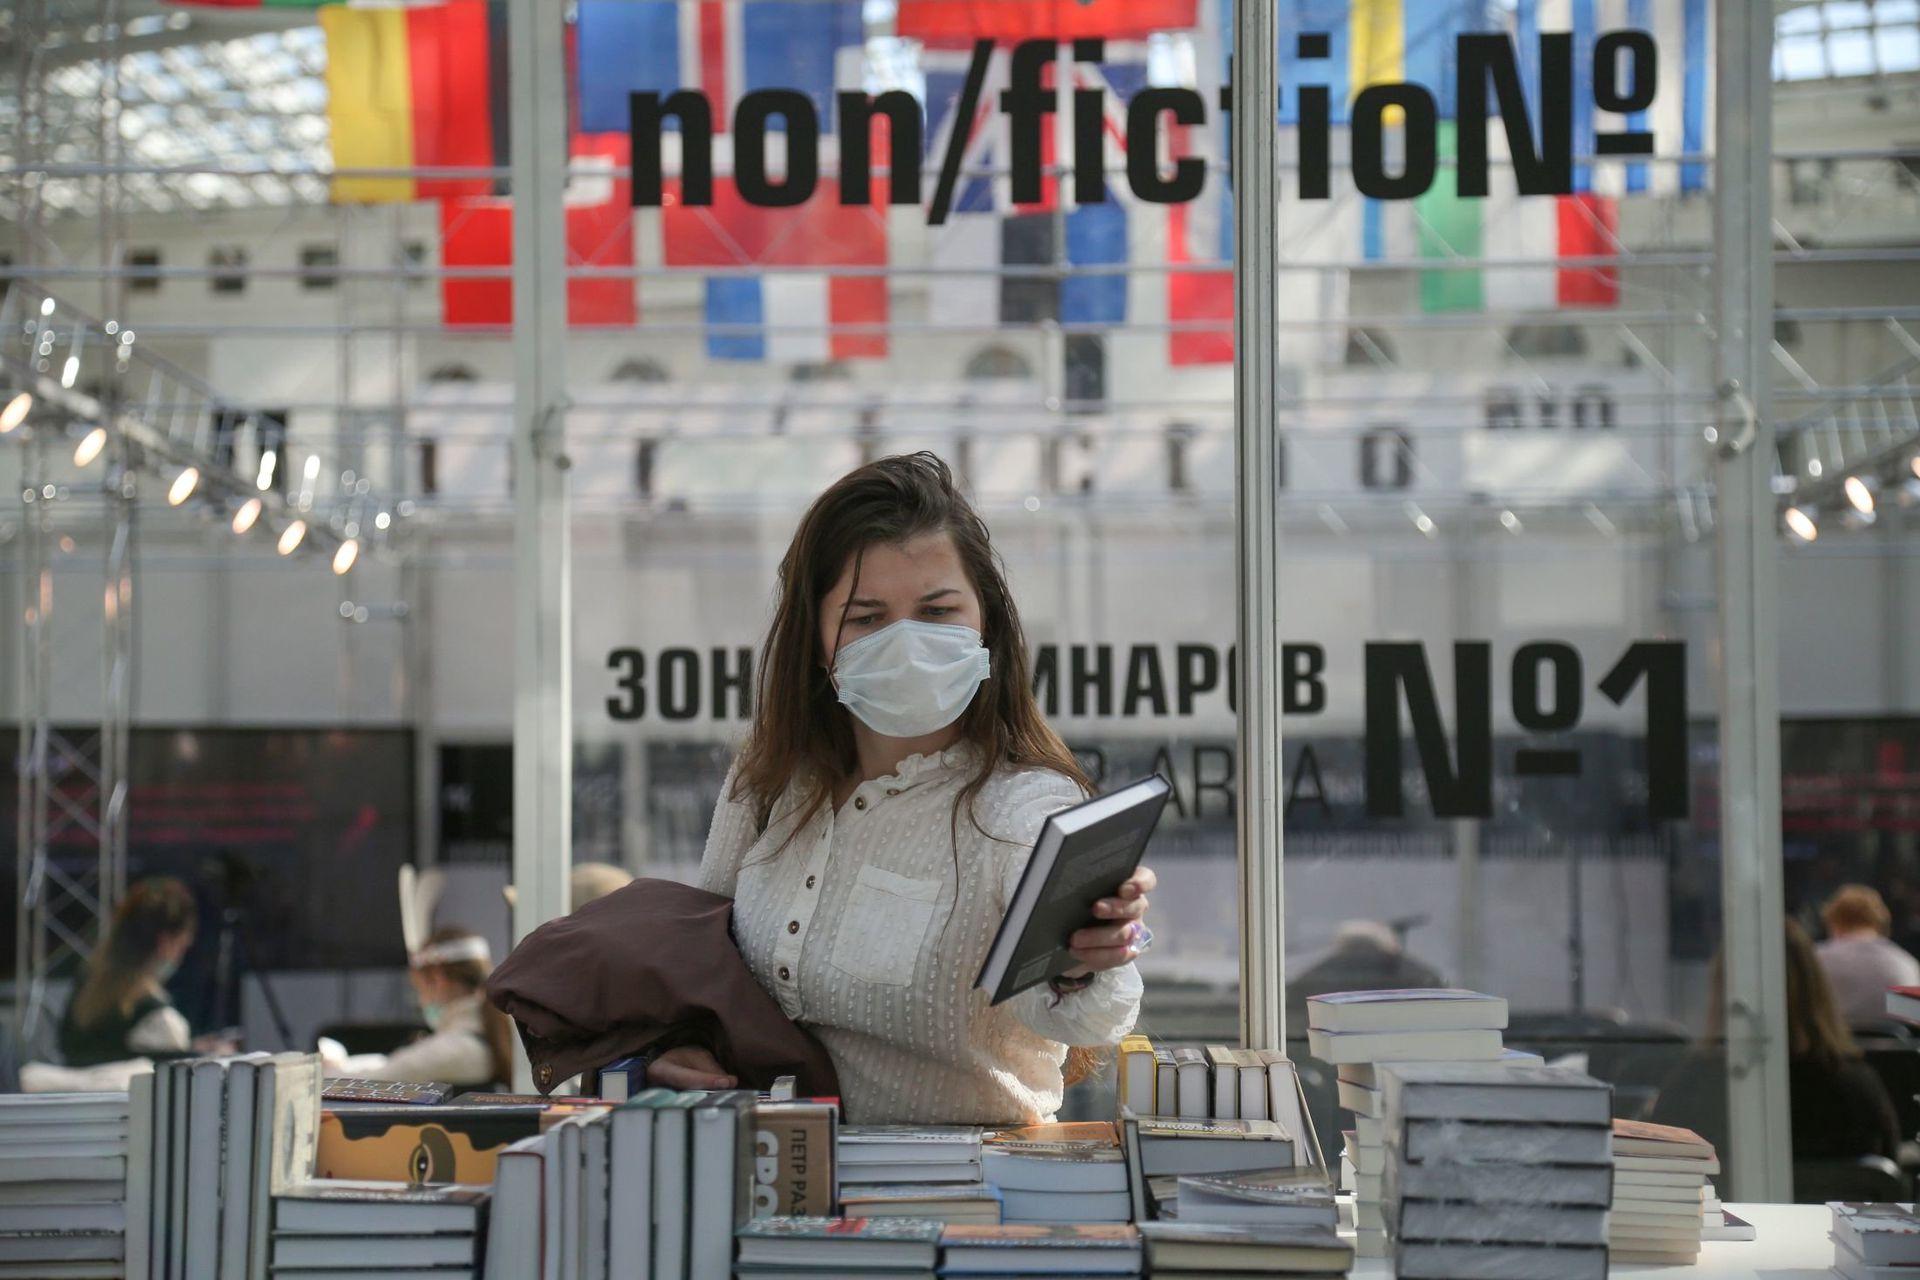 Фото: Олеся Курпяева/РГ